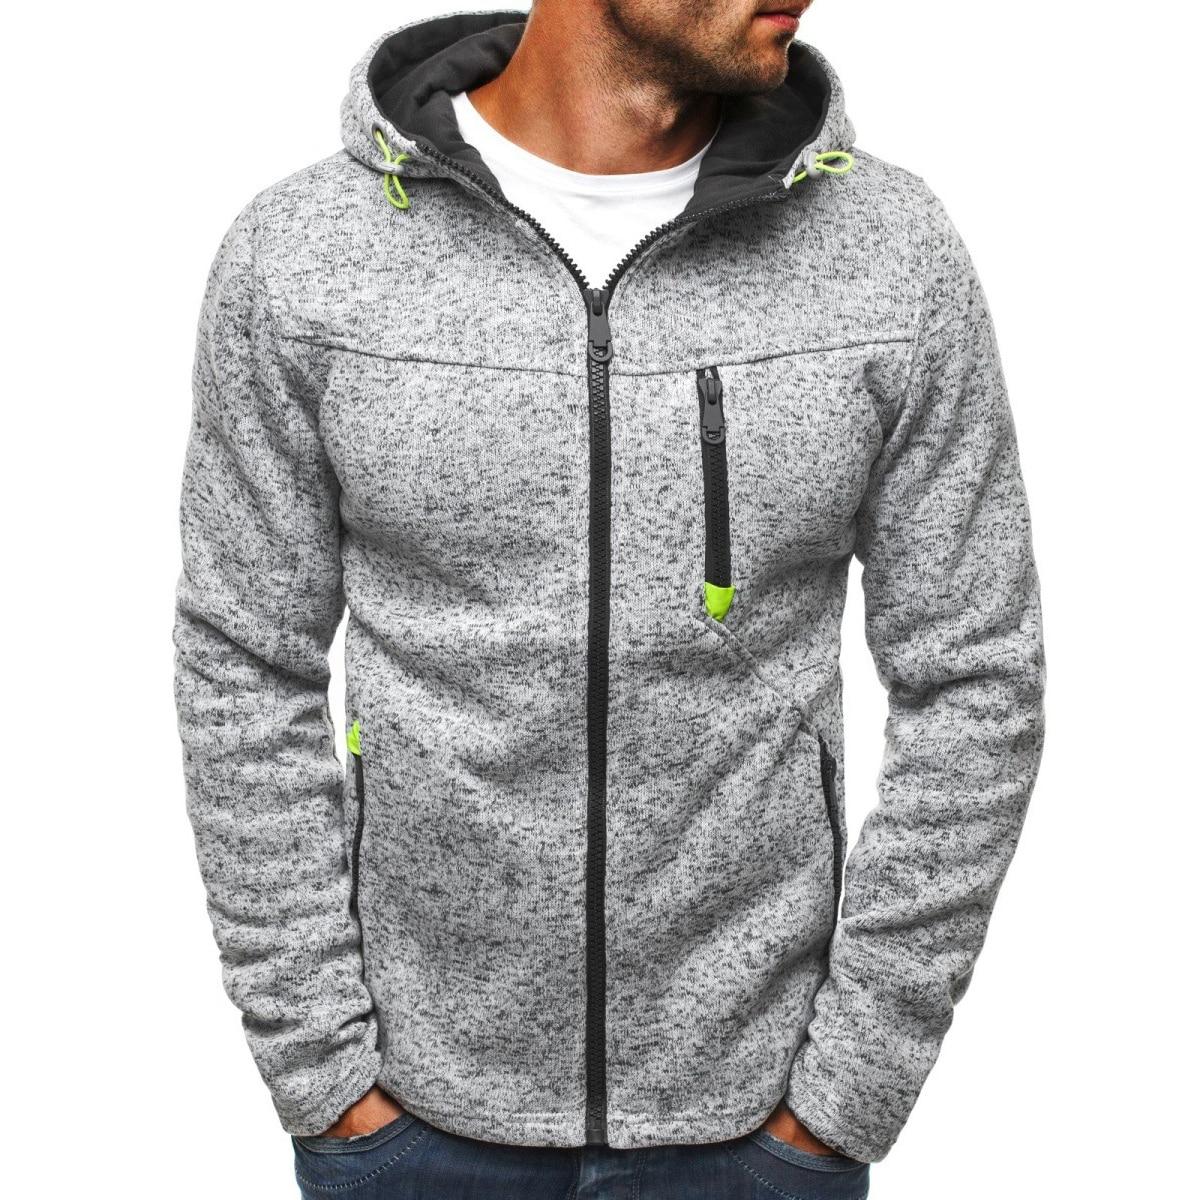 MRMT 2020 Brand Jacquard Hoodie Fleece Cardigan Hooded Coat Men's Hoodies Sweatshirts Pullover For Male Hoody Sweatshirt